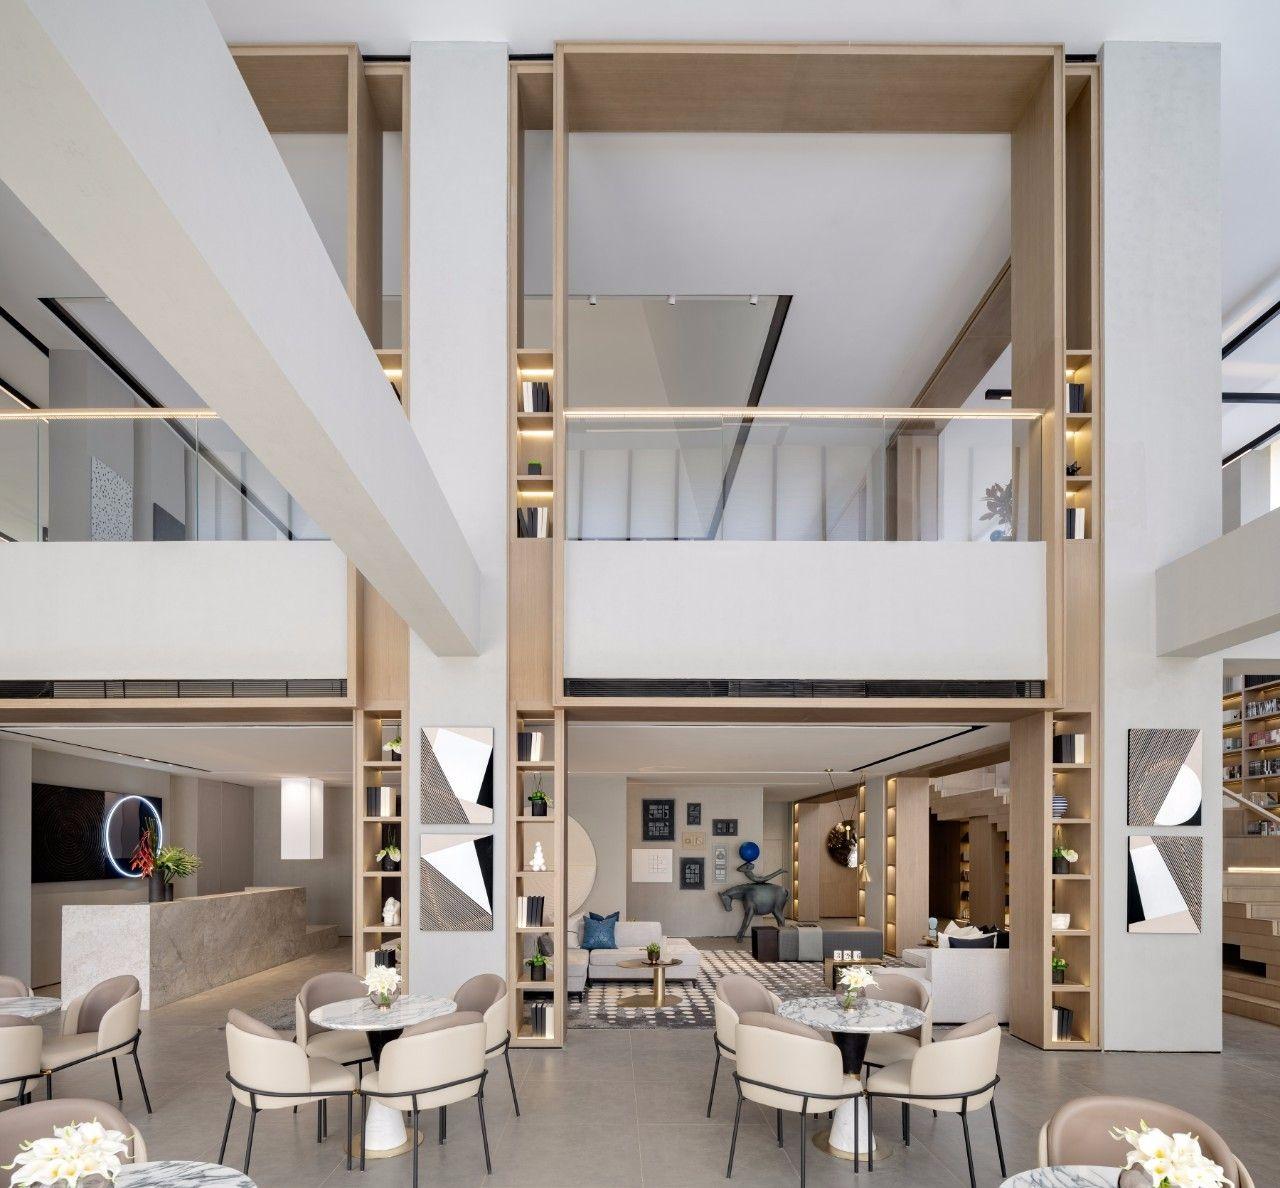 【G&K新作】武汉最艺术的沉浸体验式售楼处设计|G&K建筑设计咨询有限公司 - 17